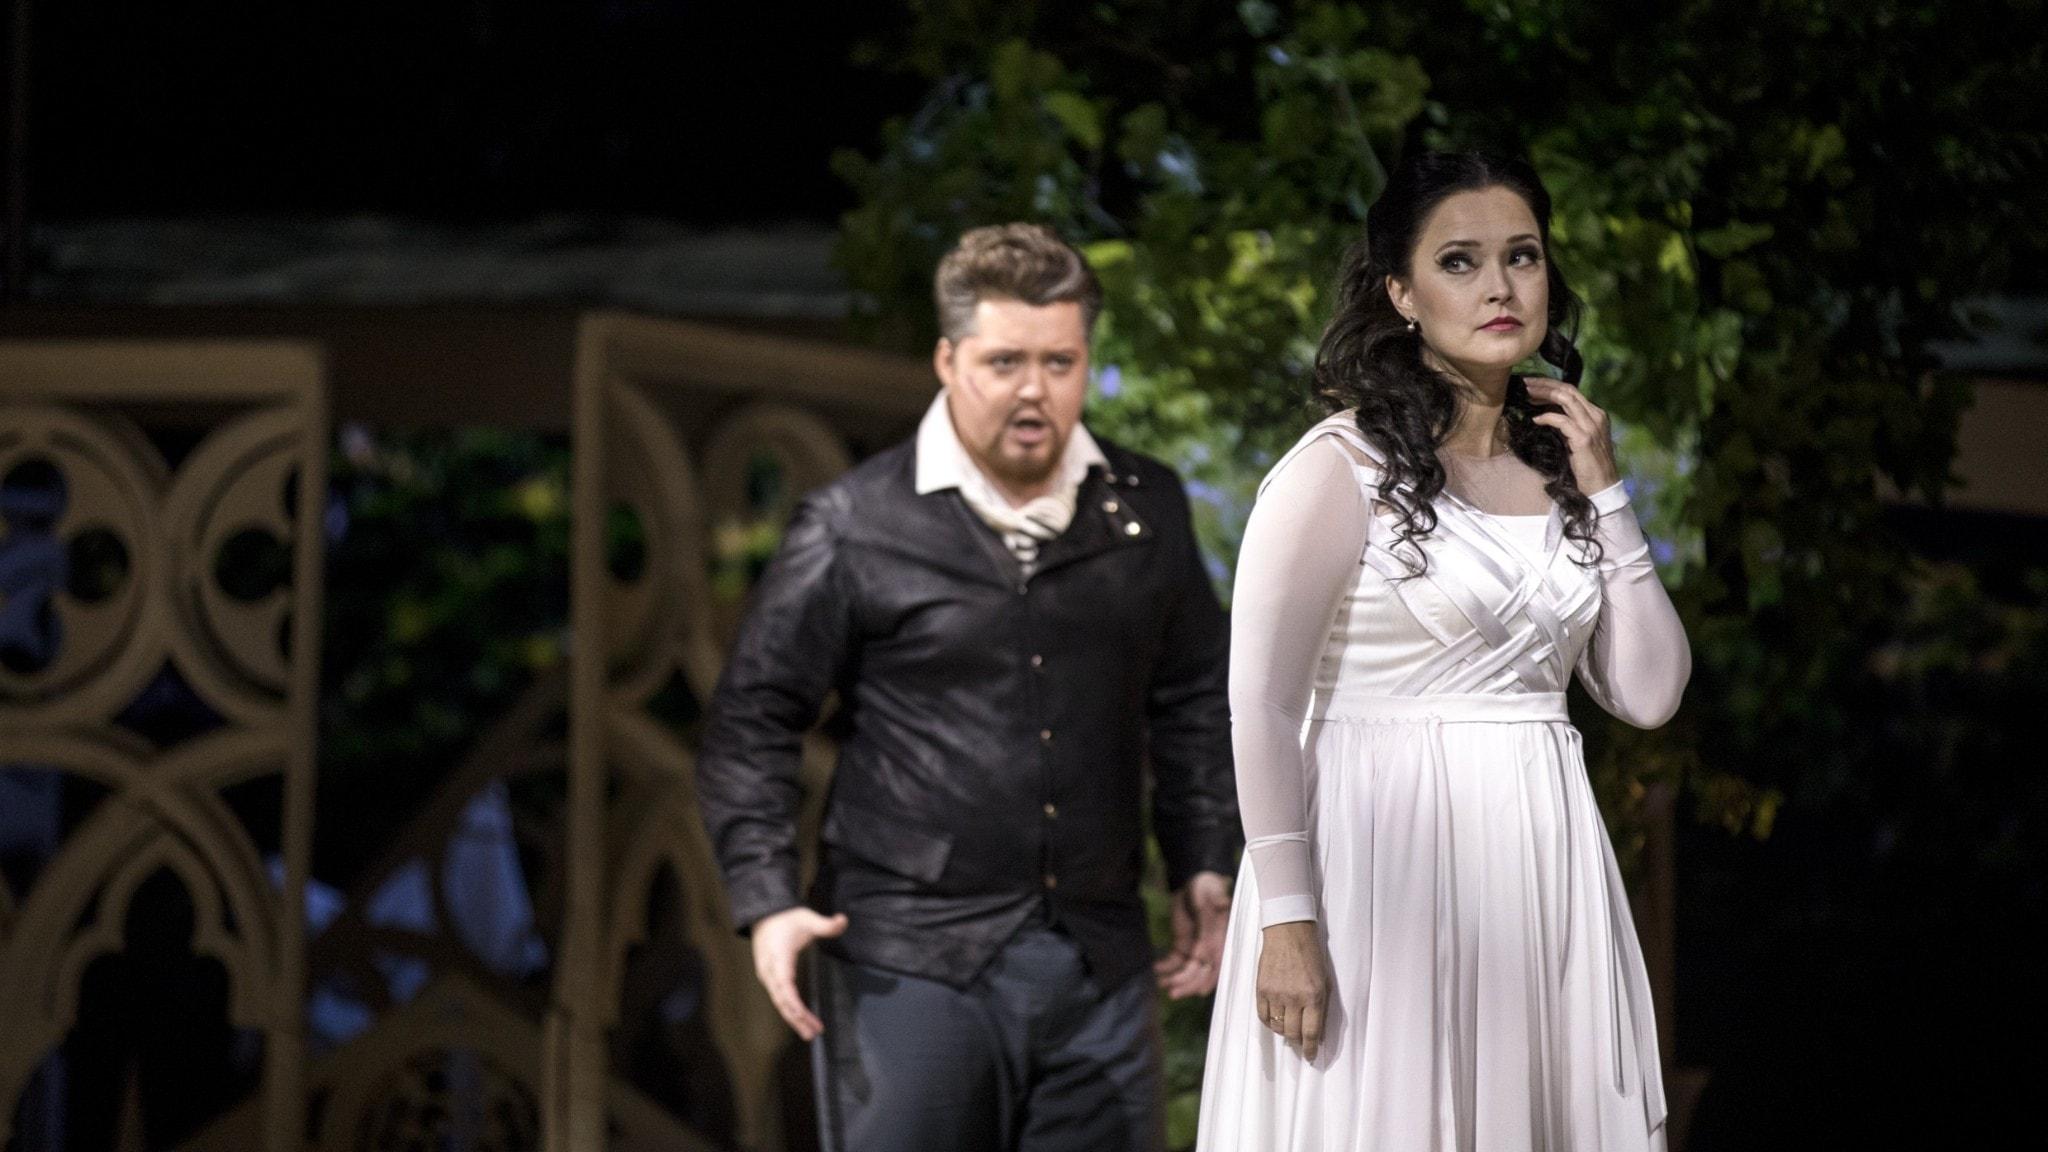 DIREKT:Tjajkovskijs Jolanta från Kungliga operan